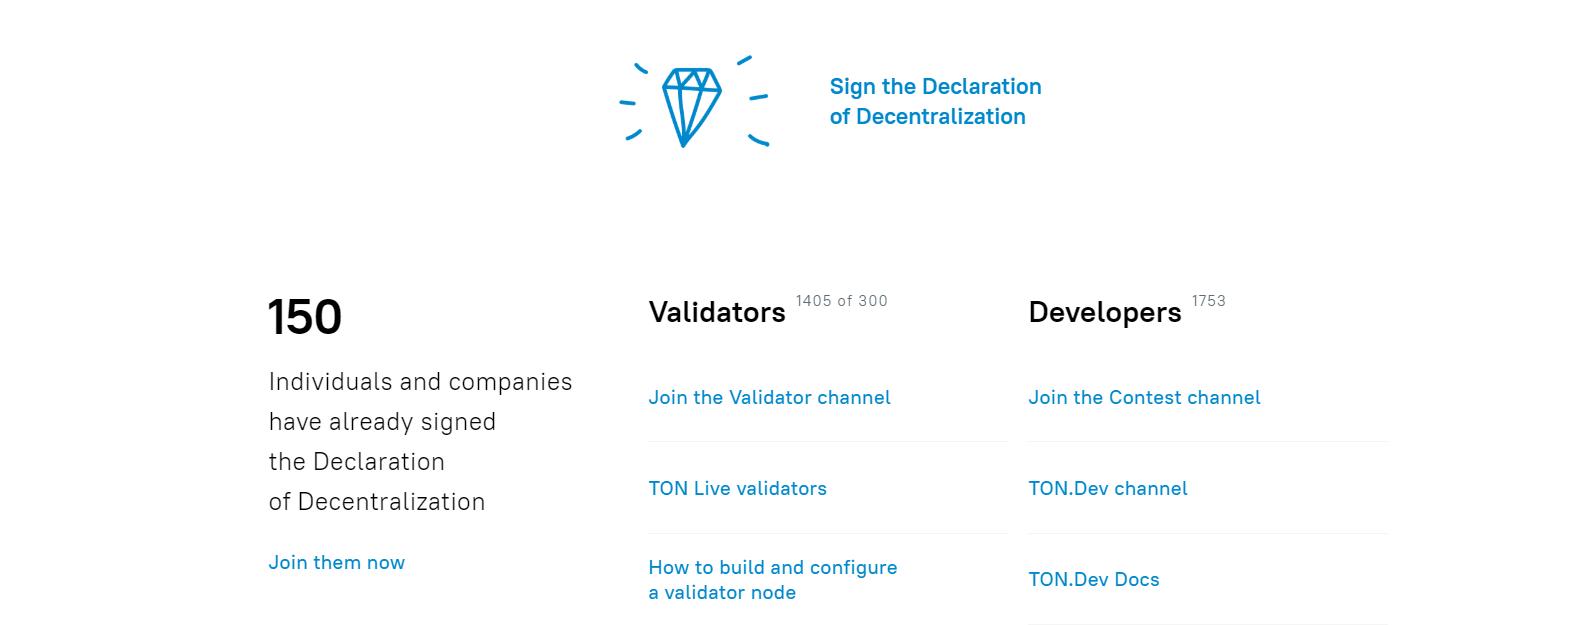 Разработчики запустили бесплатную версию блокчейн-платформы Telegram